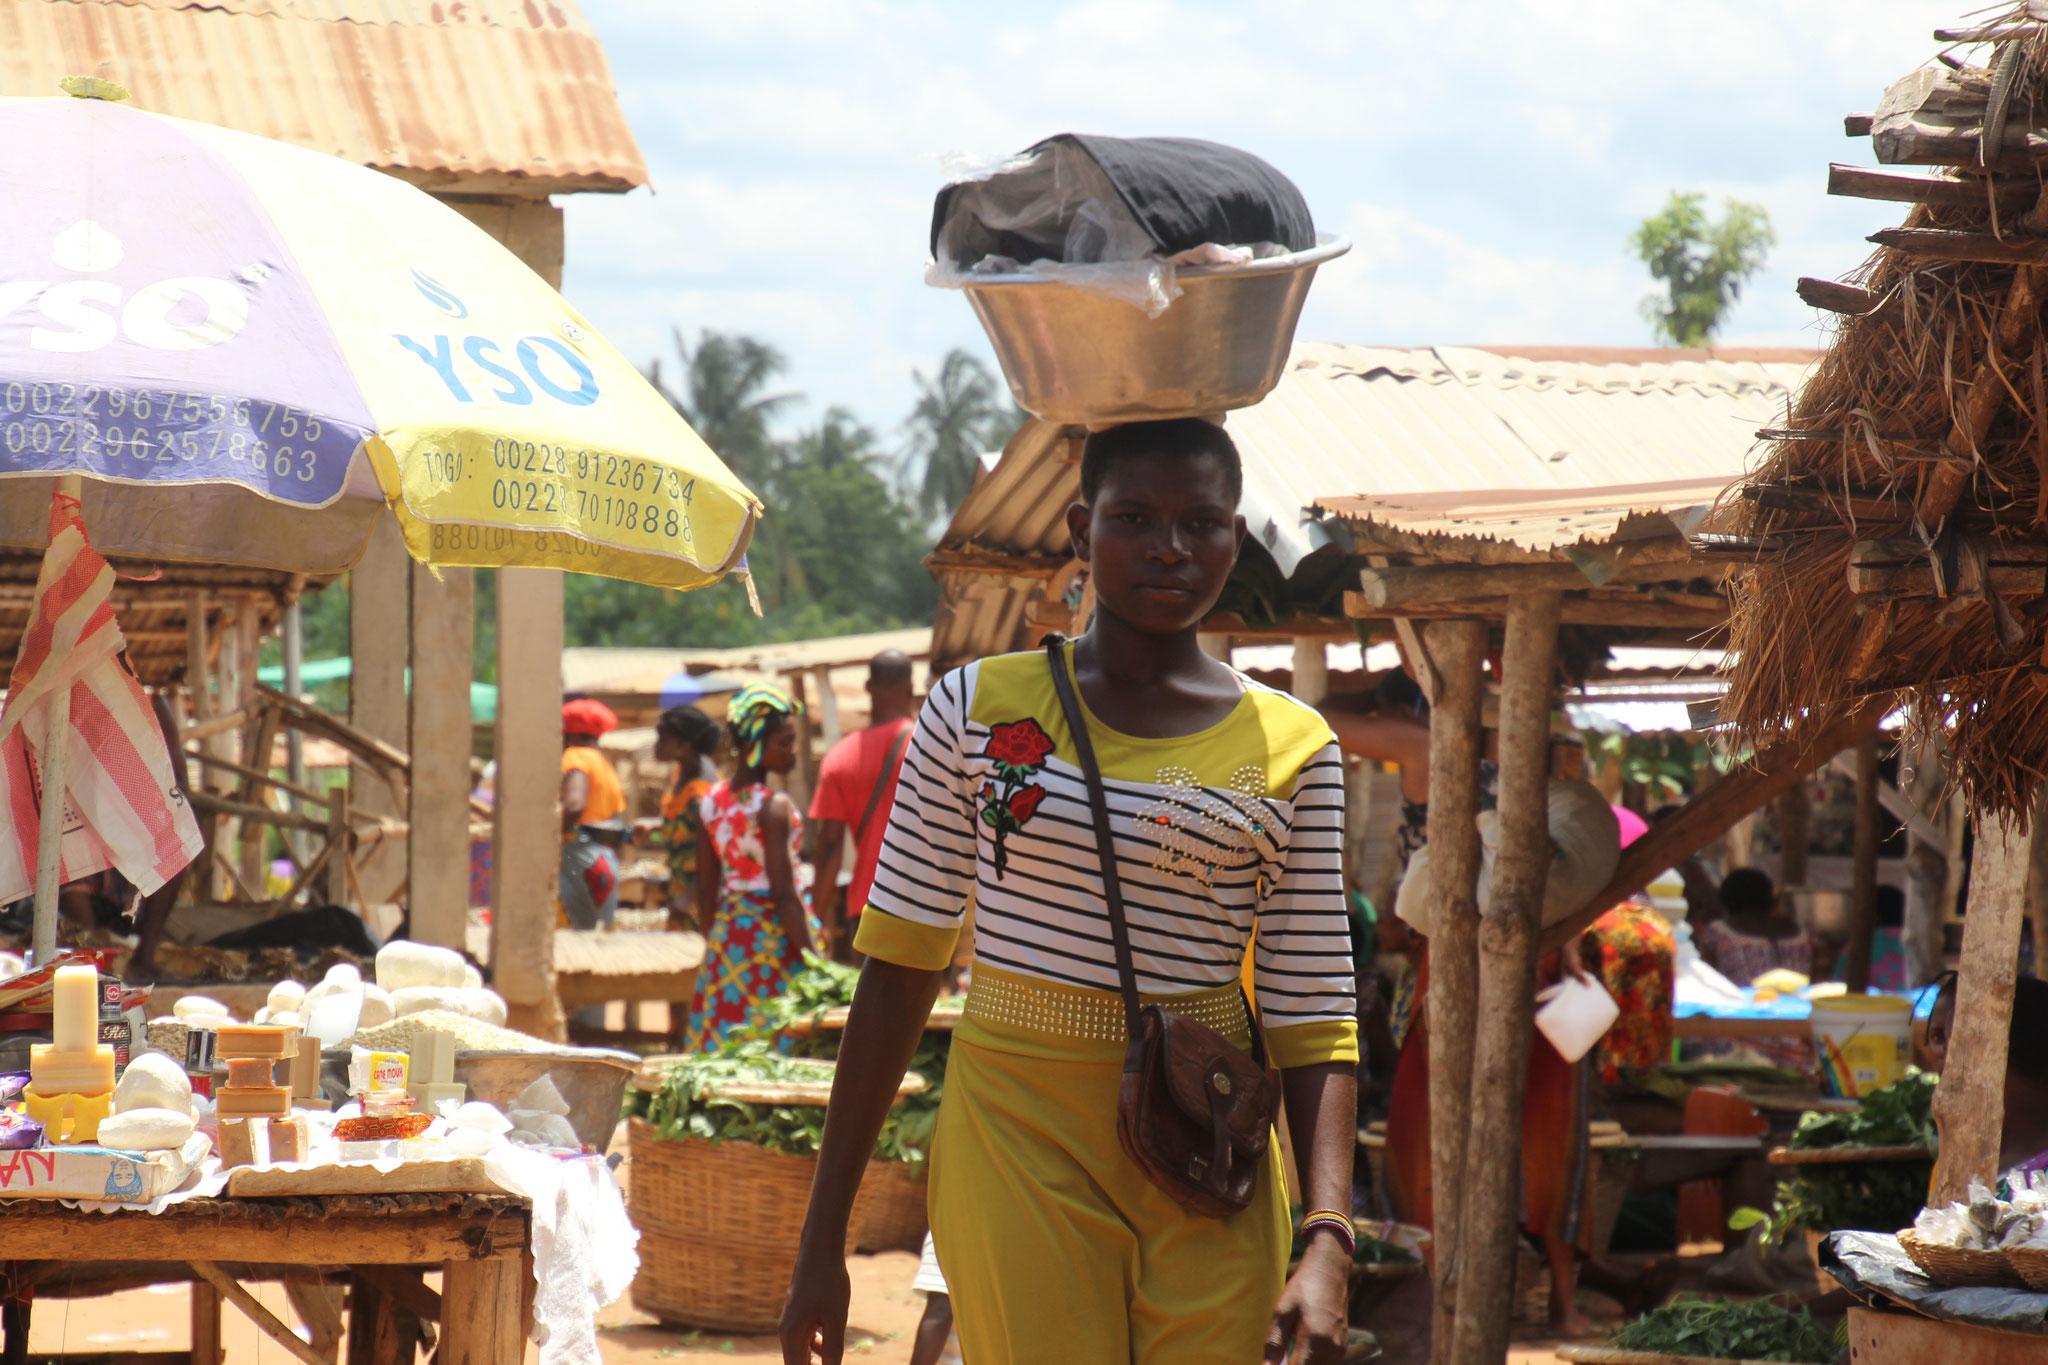 Junge Frau auf dem Markt von Tagblibo.